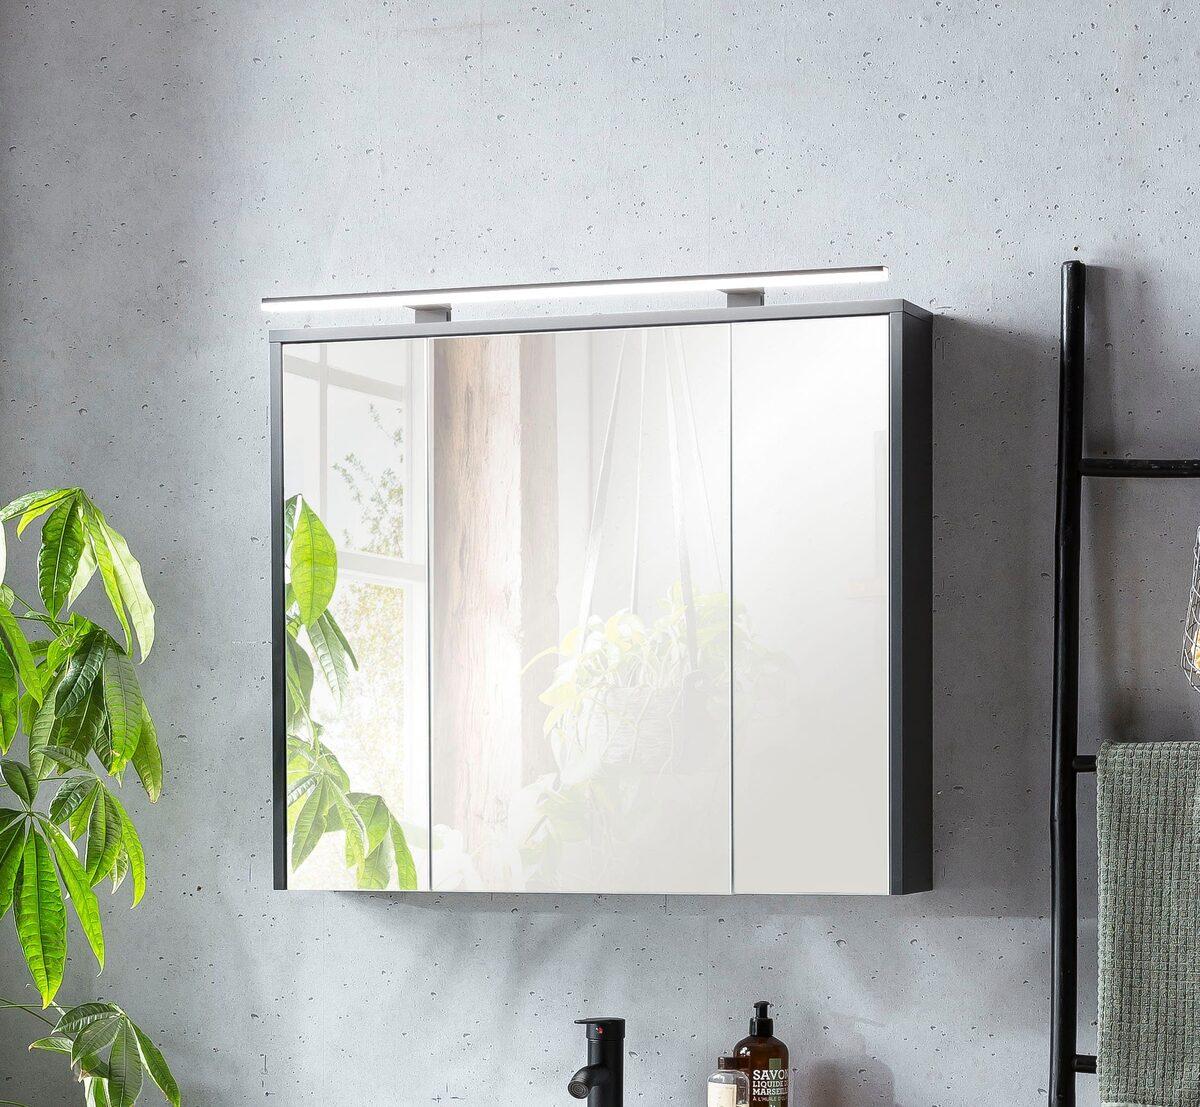 Bild 3 von Schildmeyer Spiegelschrank Breite 83,5 cm, 3-türig, LED-Beleuchtung, Steckdosenbox, Soft-Close-Funktion, Glaseinlegeböden, montiert, Made in Germany